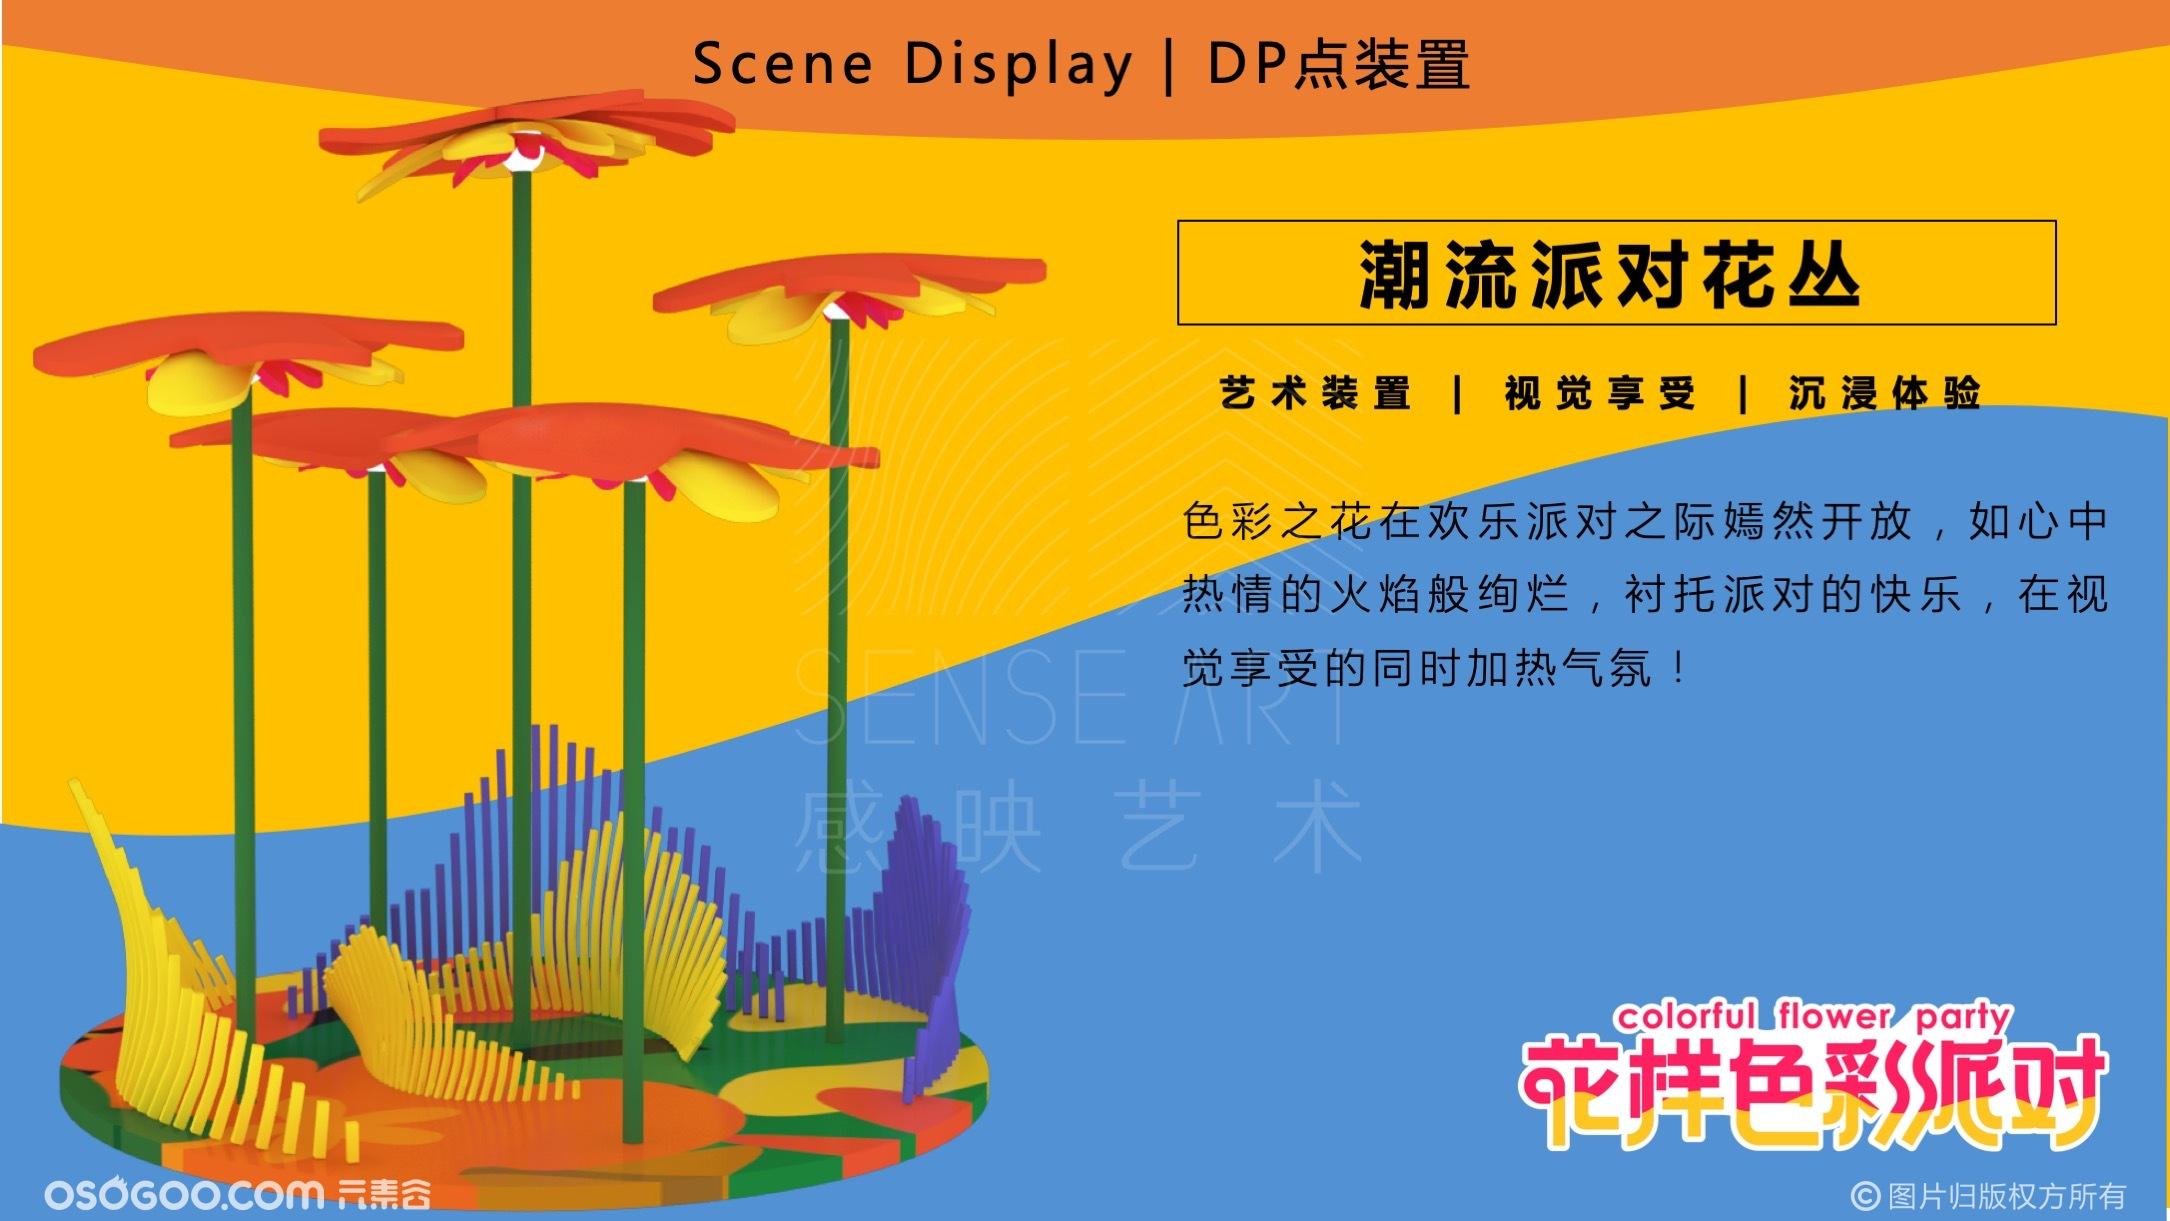 【花样色彩派对】中国抽象奇特插画艺术家沉浸式体验展